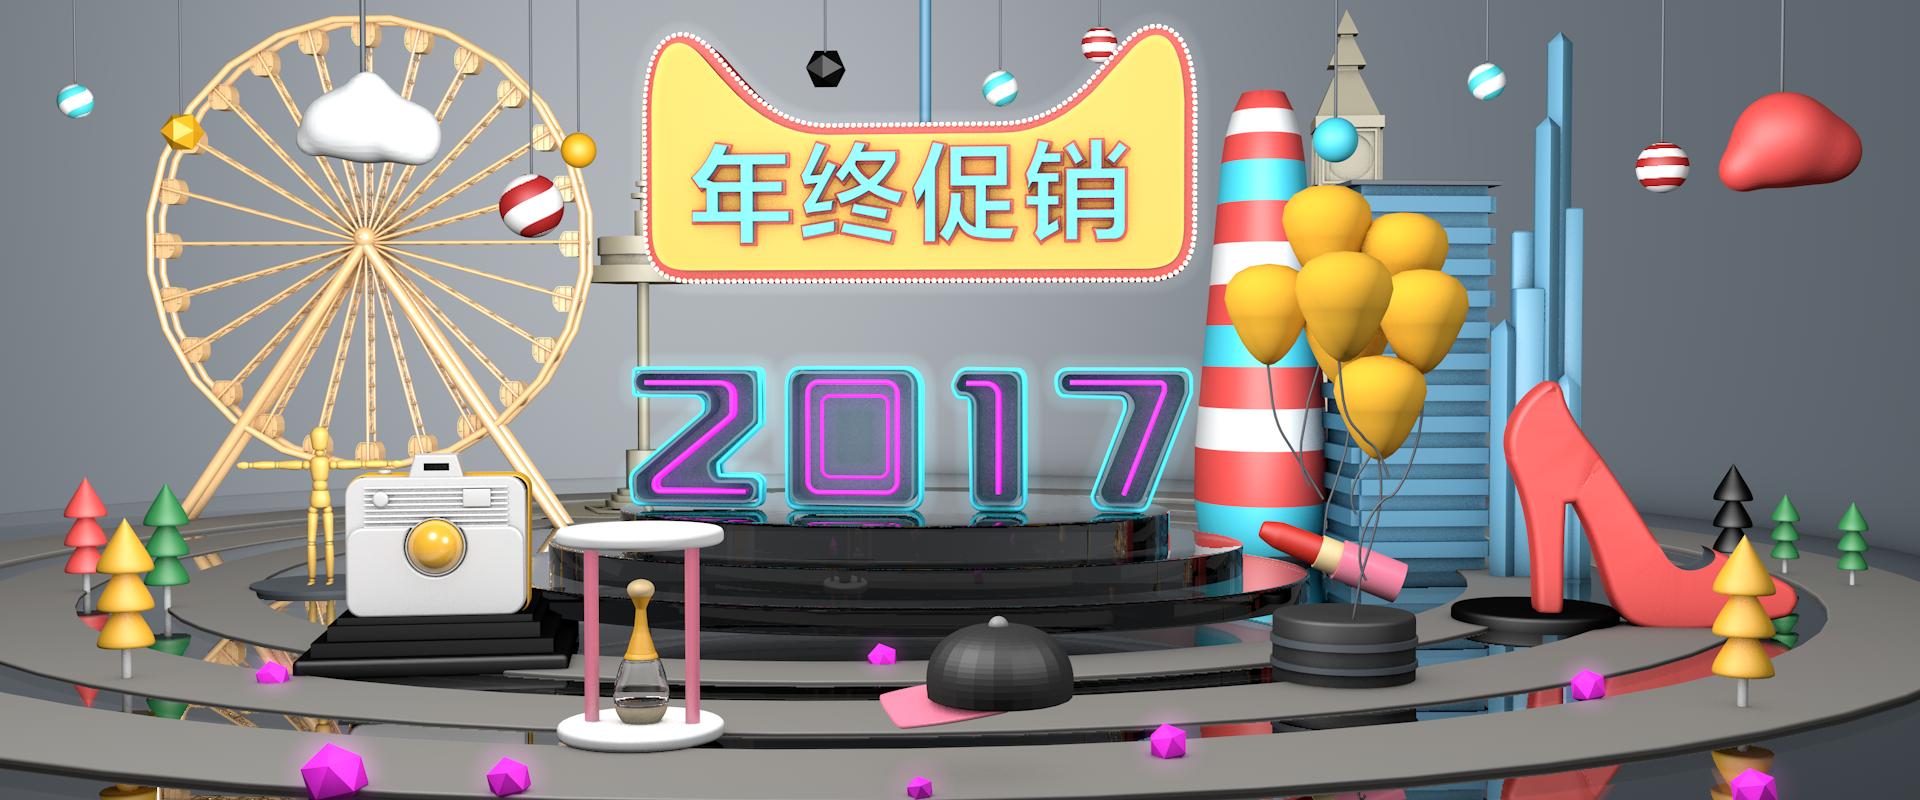 c4d制作天猫双十一banner图片